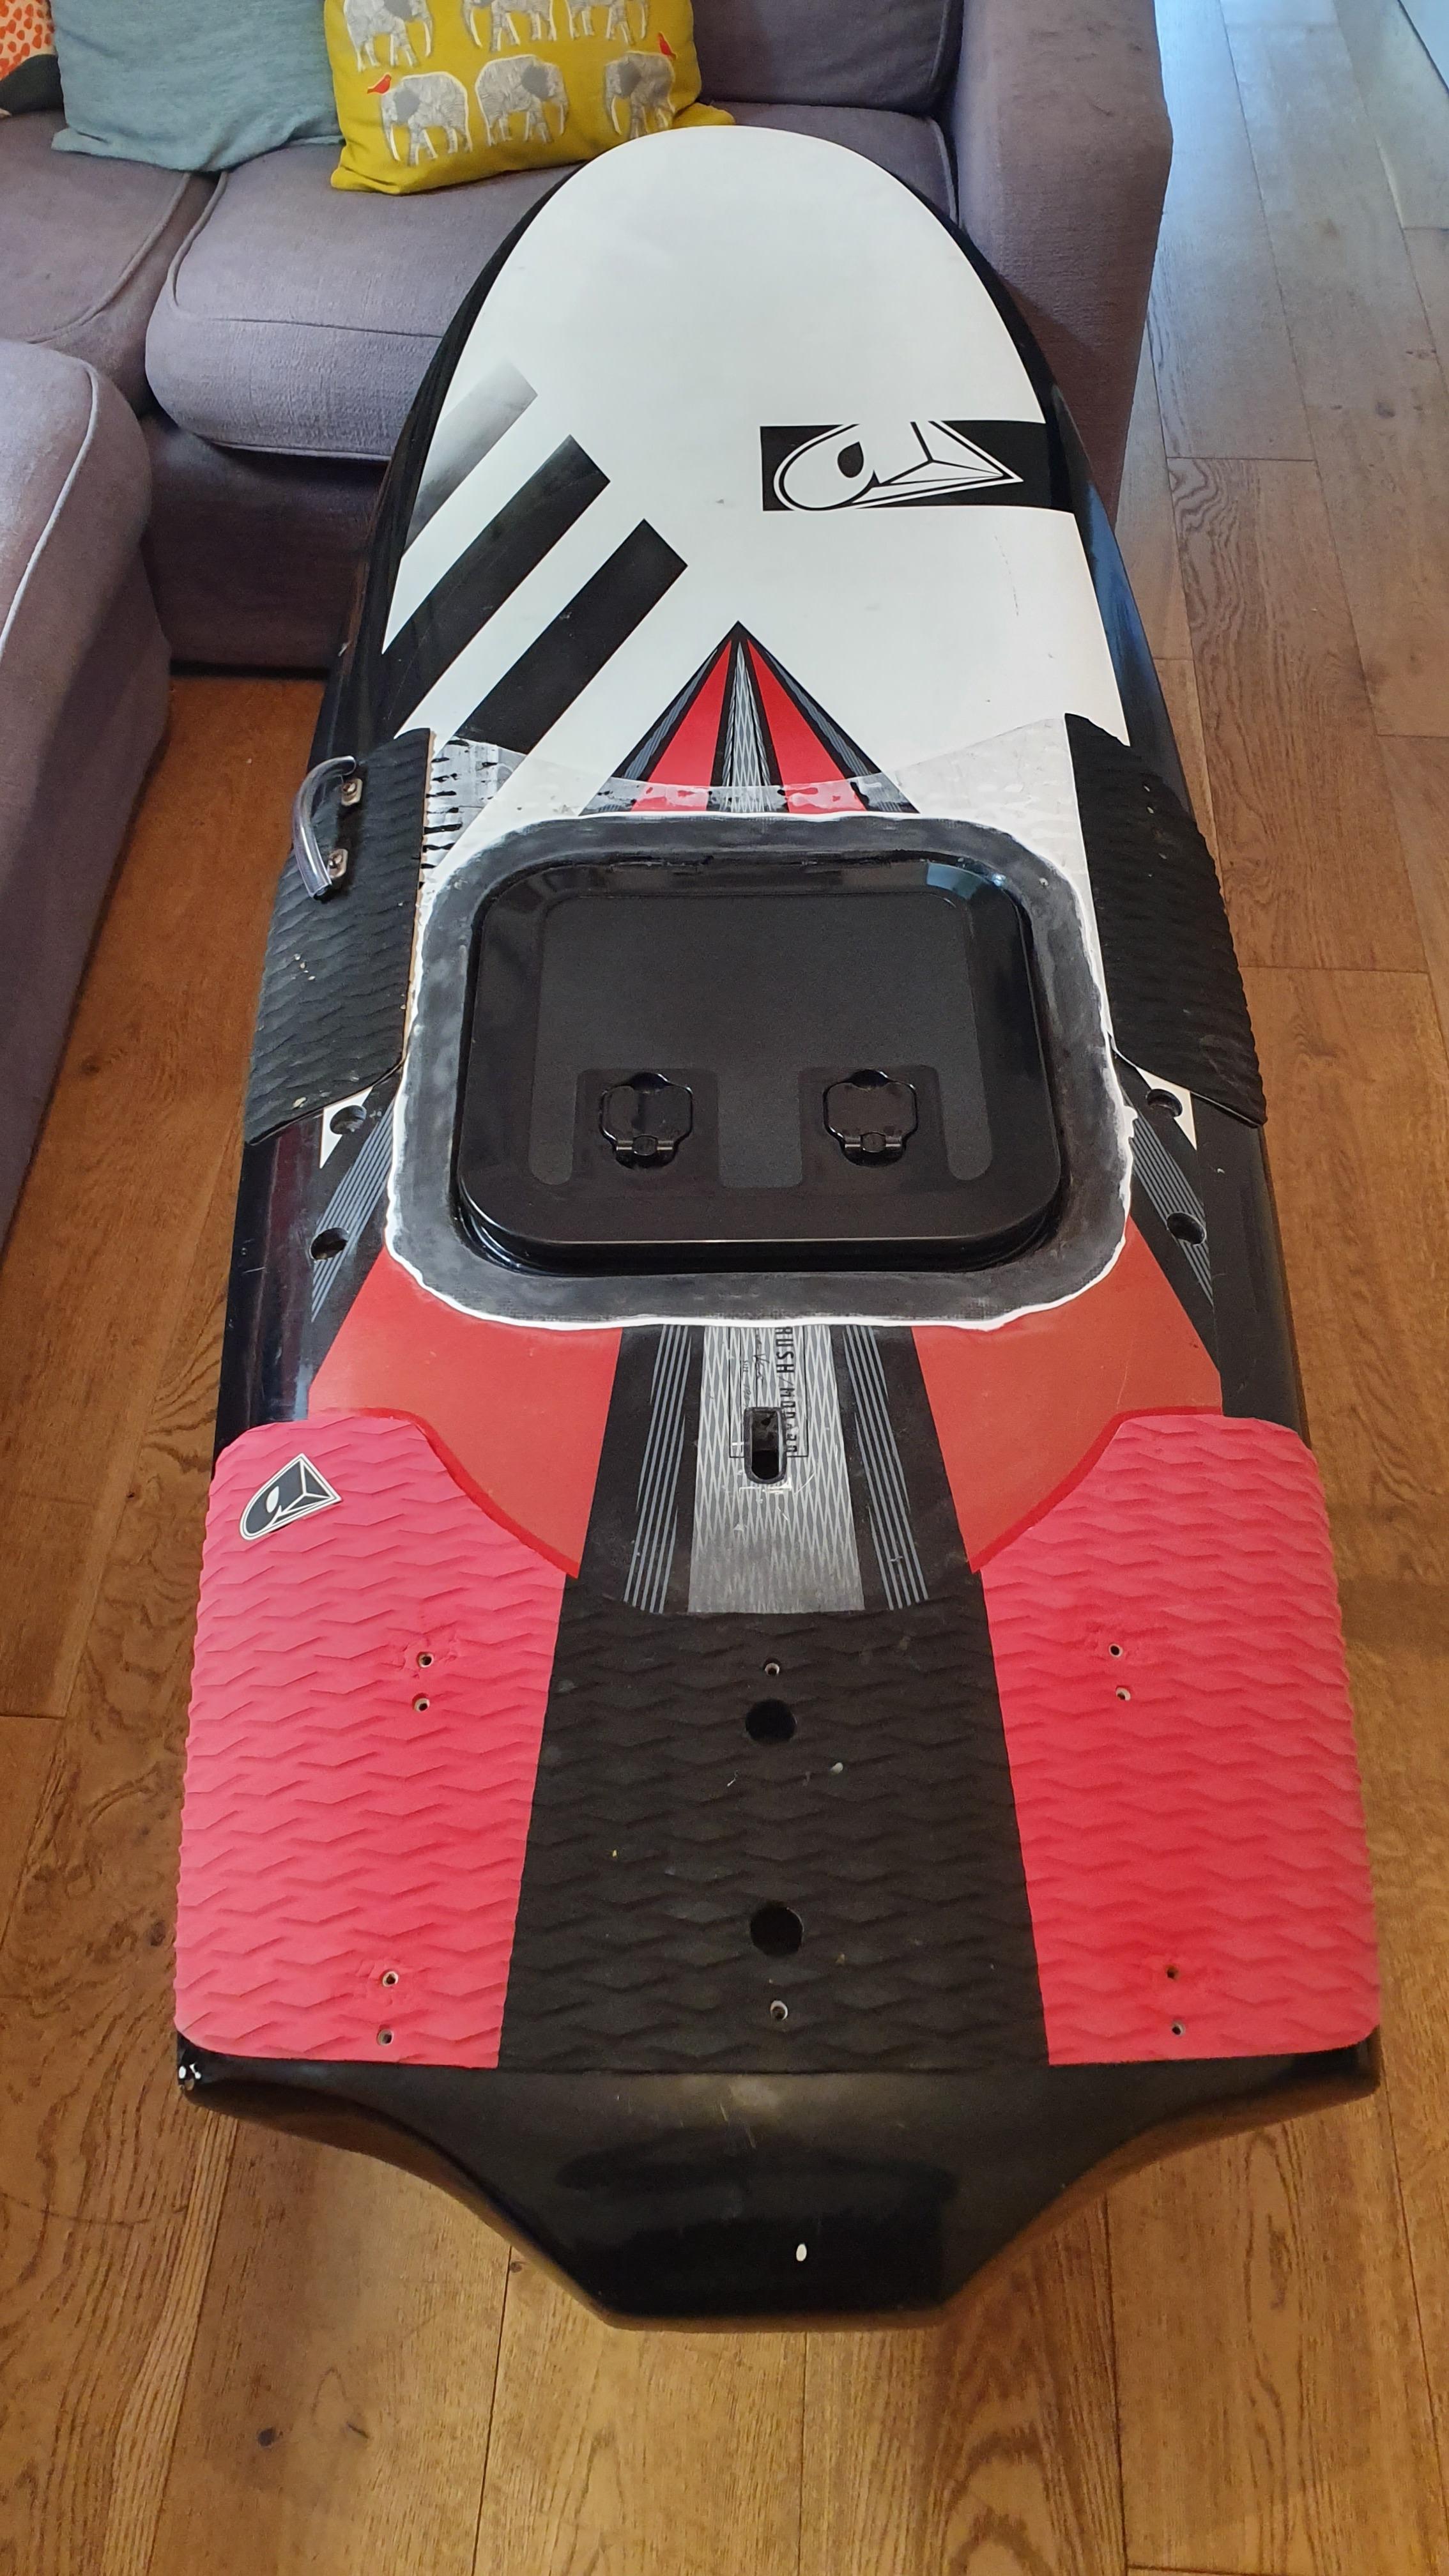 Zeeko Foil and board - Foils & Boards - Electric Hydrofoil